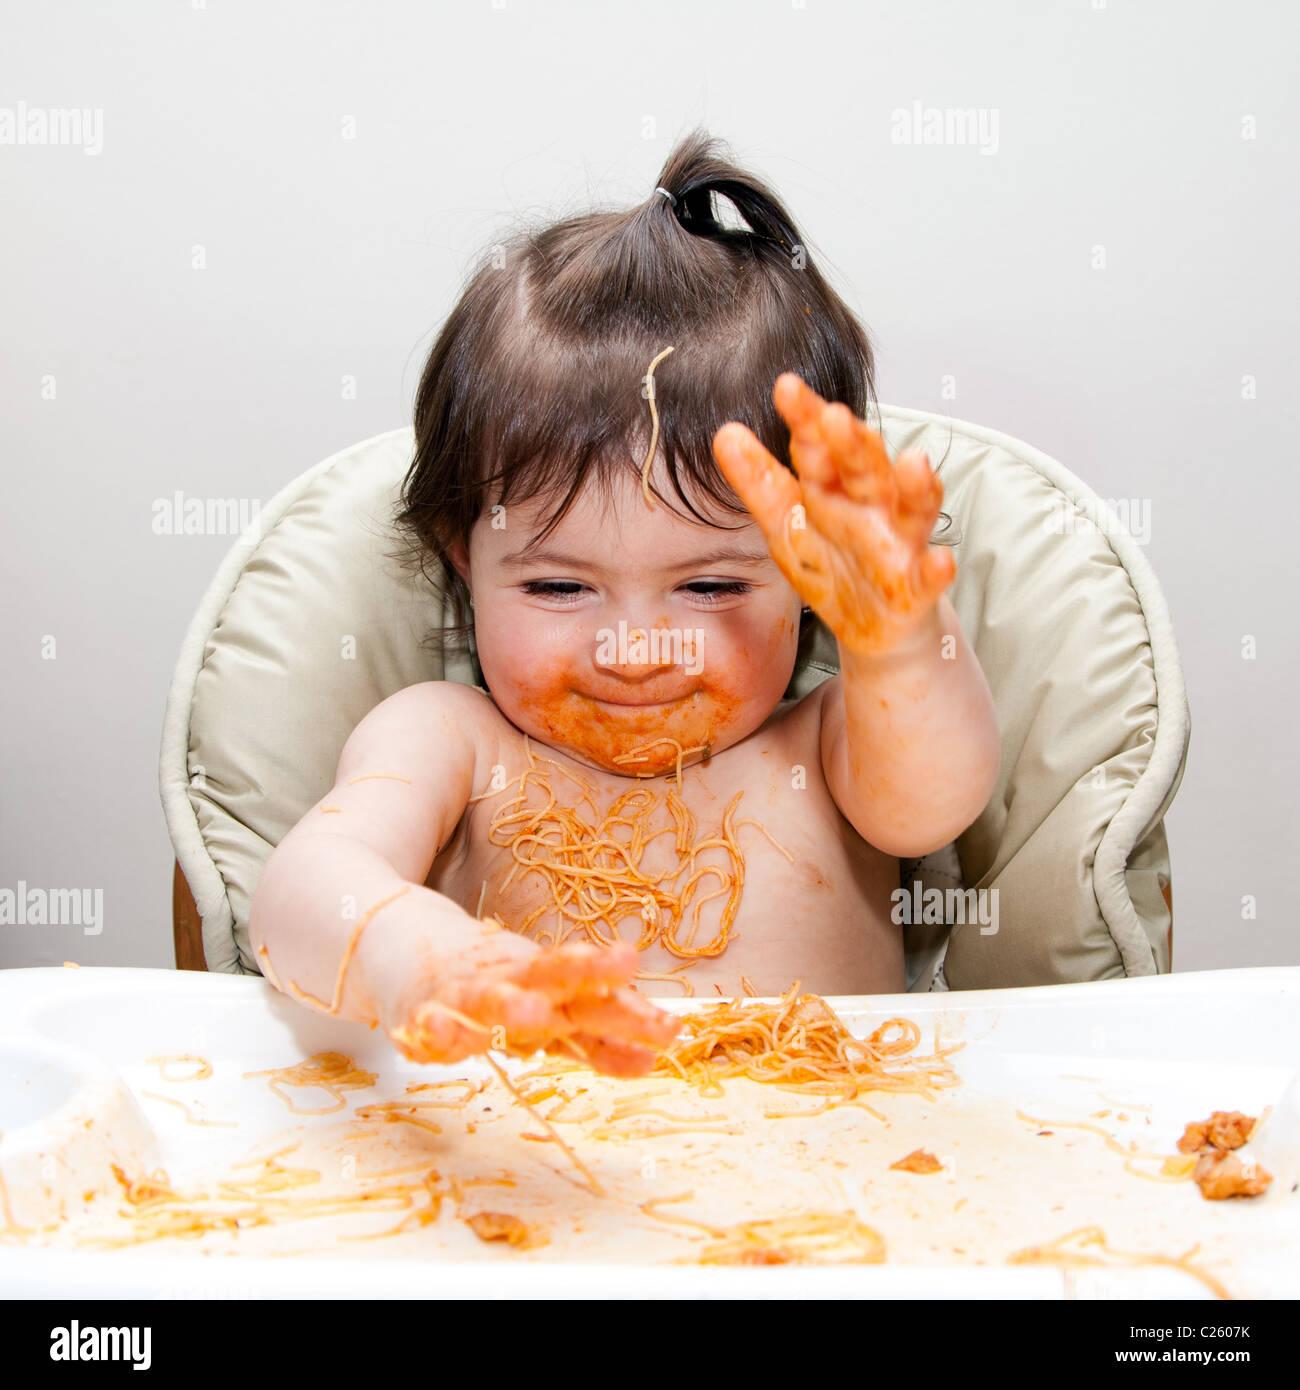 Happy baby divertirsi mangiando confuso slapping mani coperte in Spaghetti Angel Hair Pasta marinara rosso salsa Immagini Stock